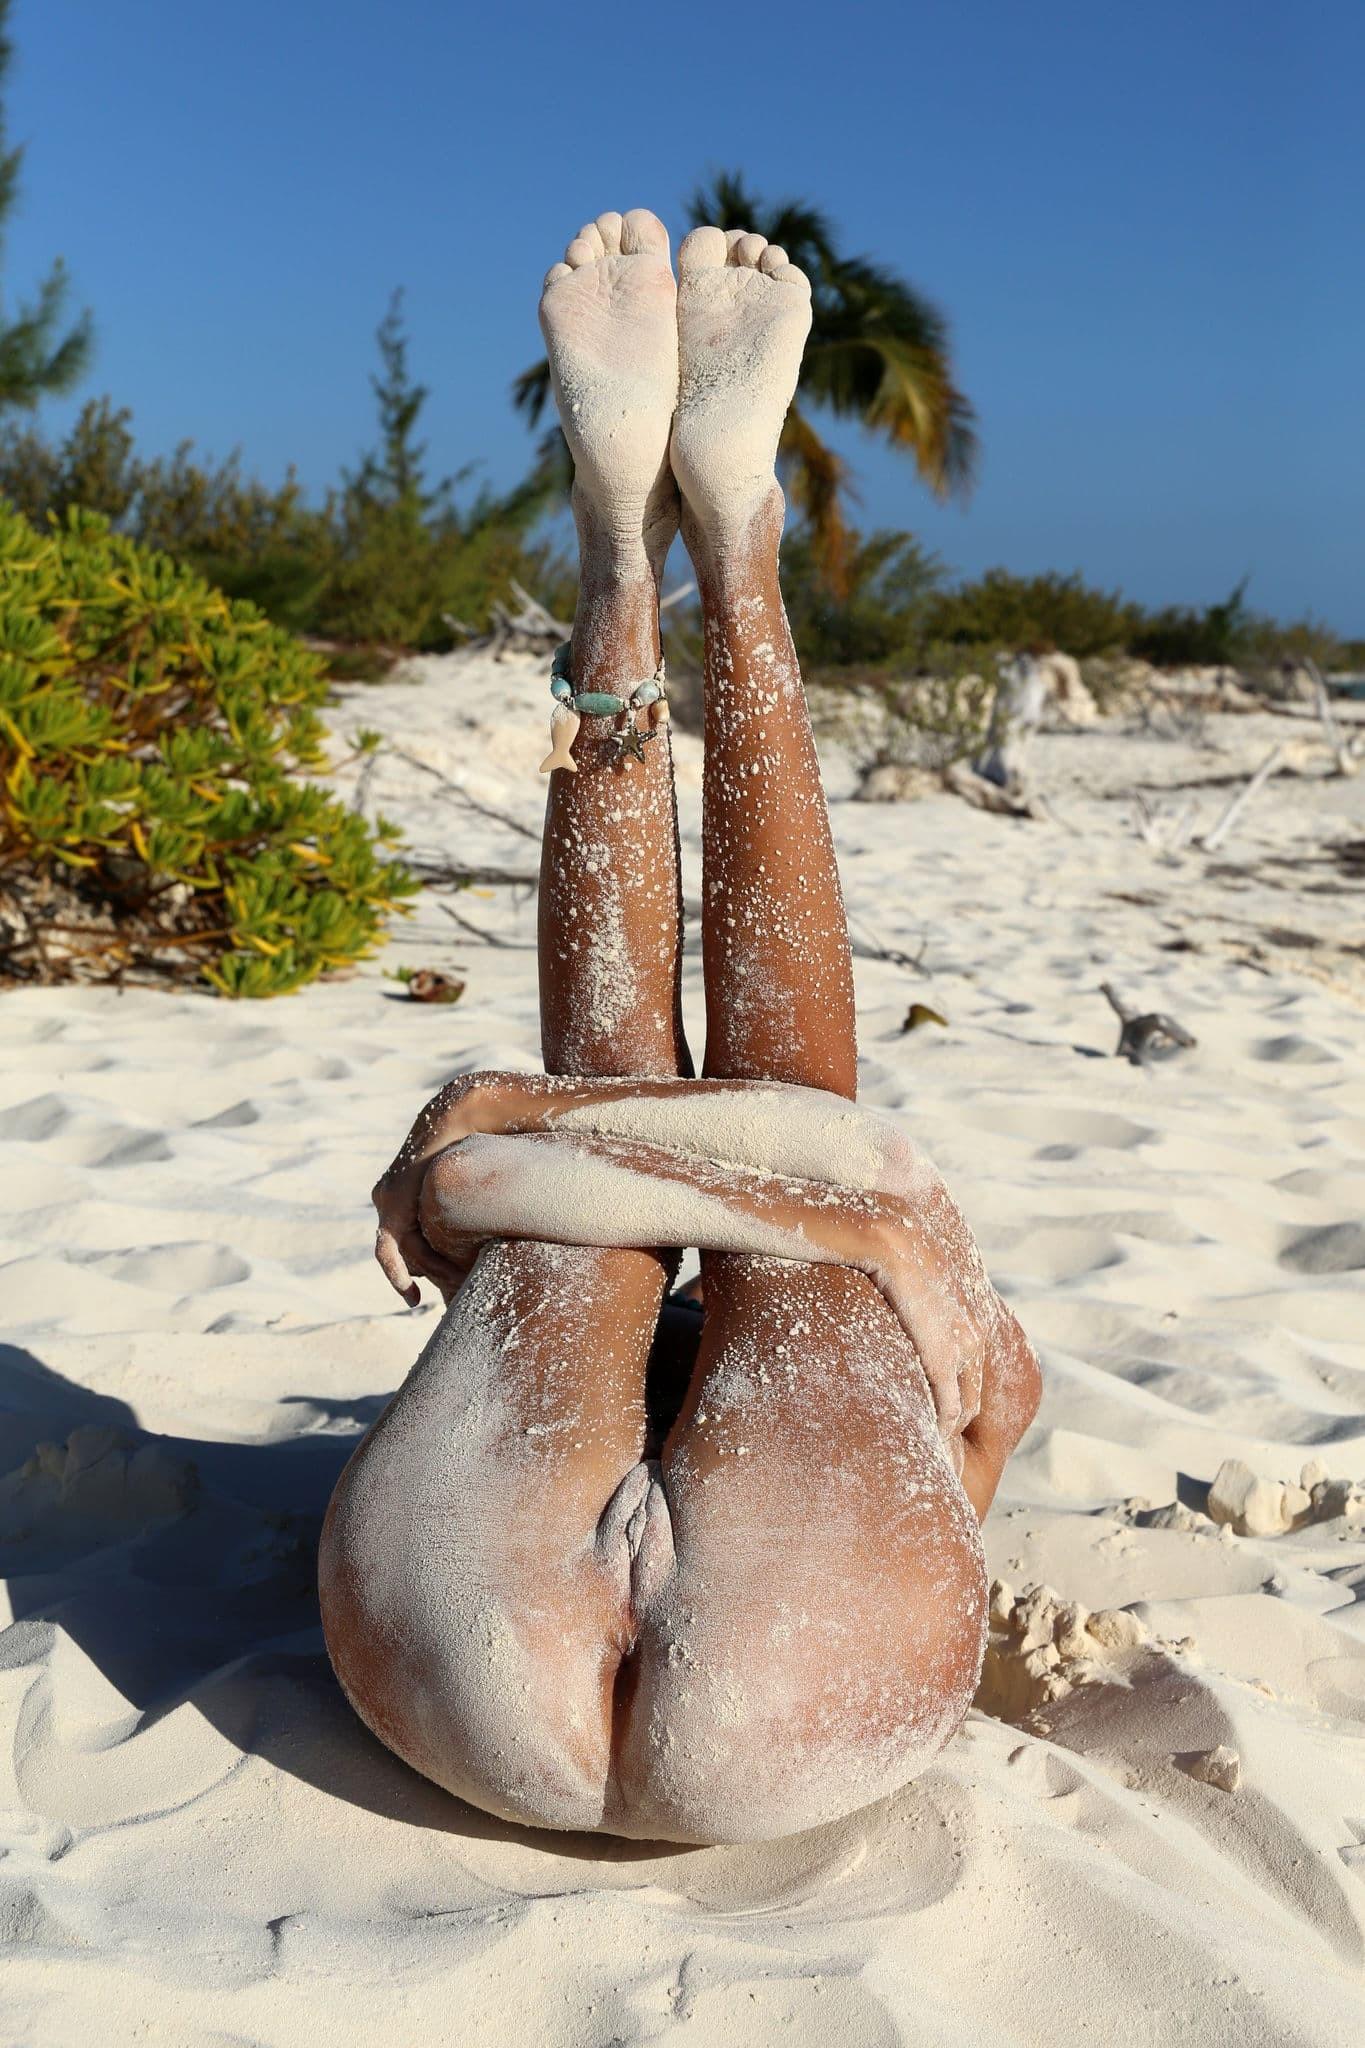 Загорелая девка в песке без купальника - фото